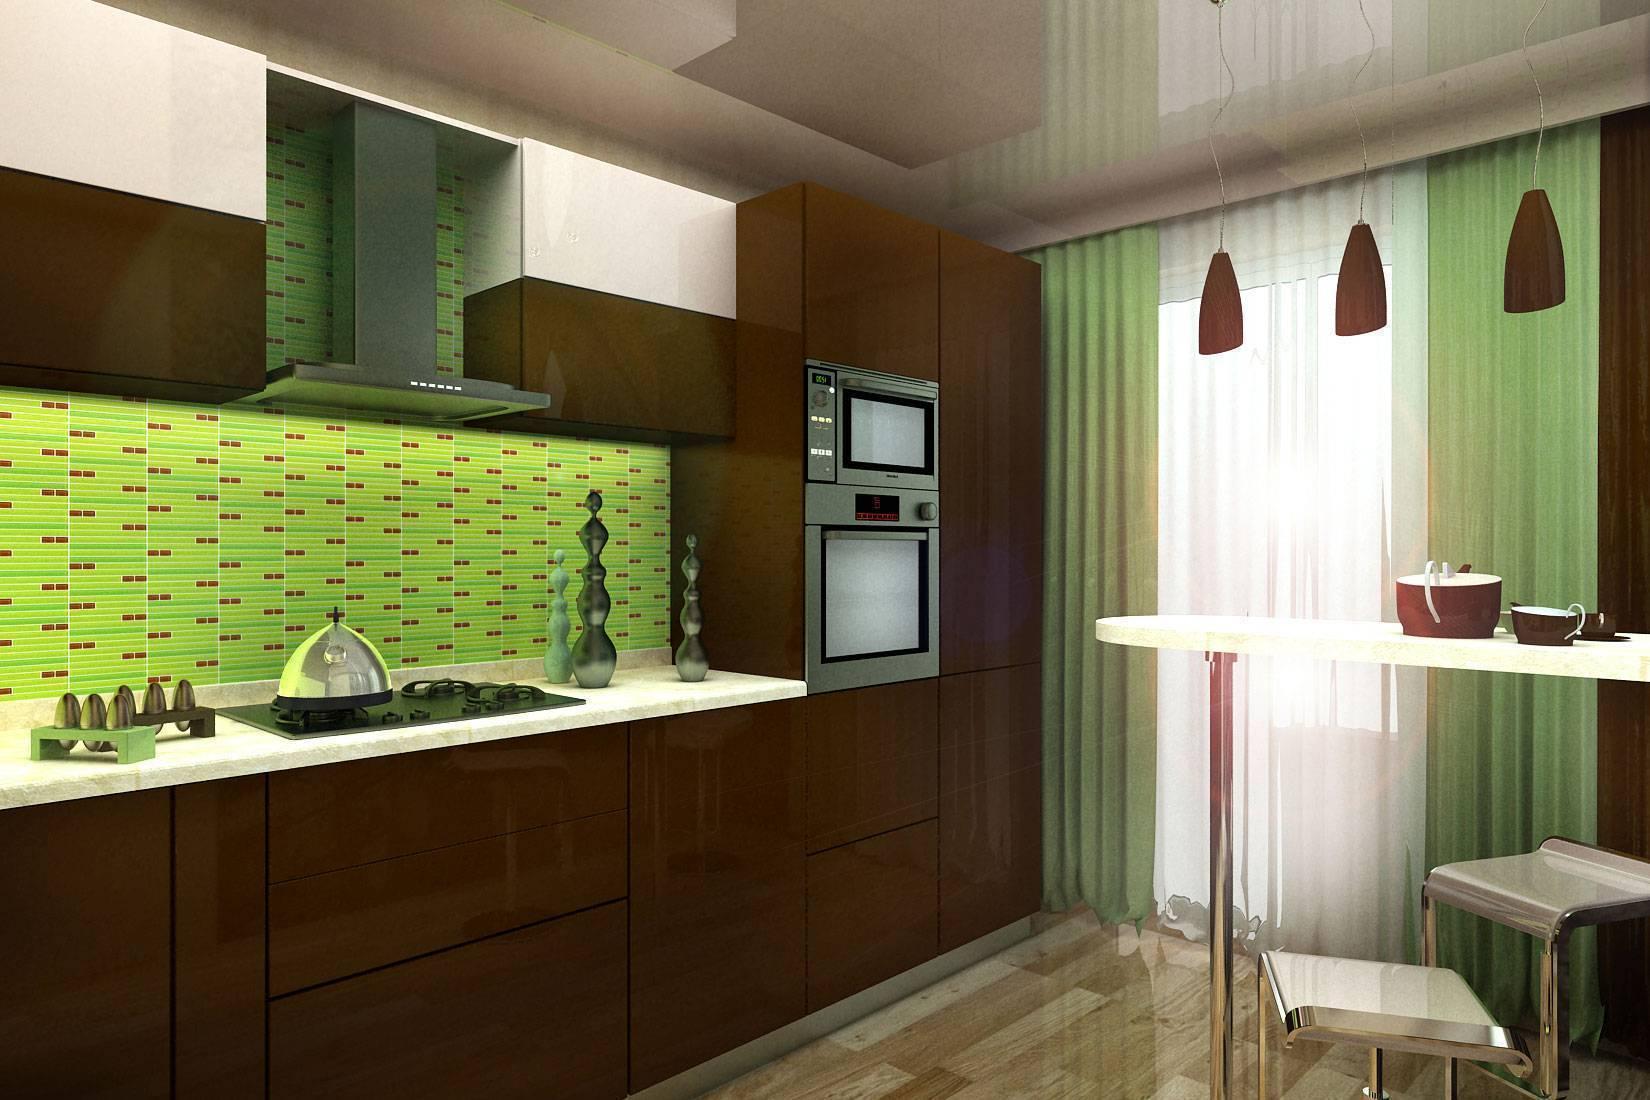 Зеленые обои: выбор и сочетание оттенков, подбор штор